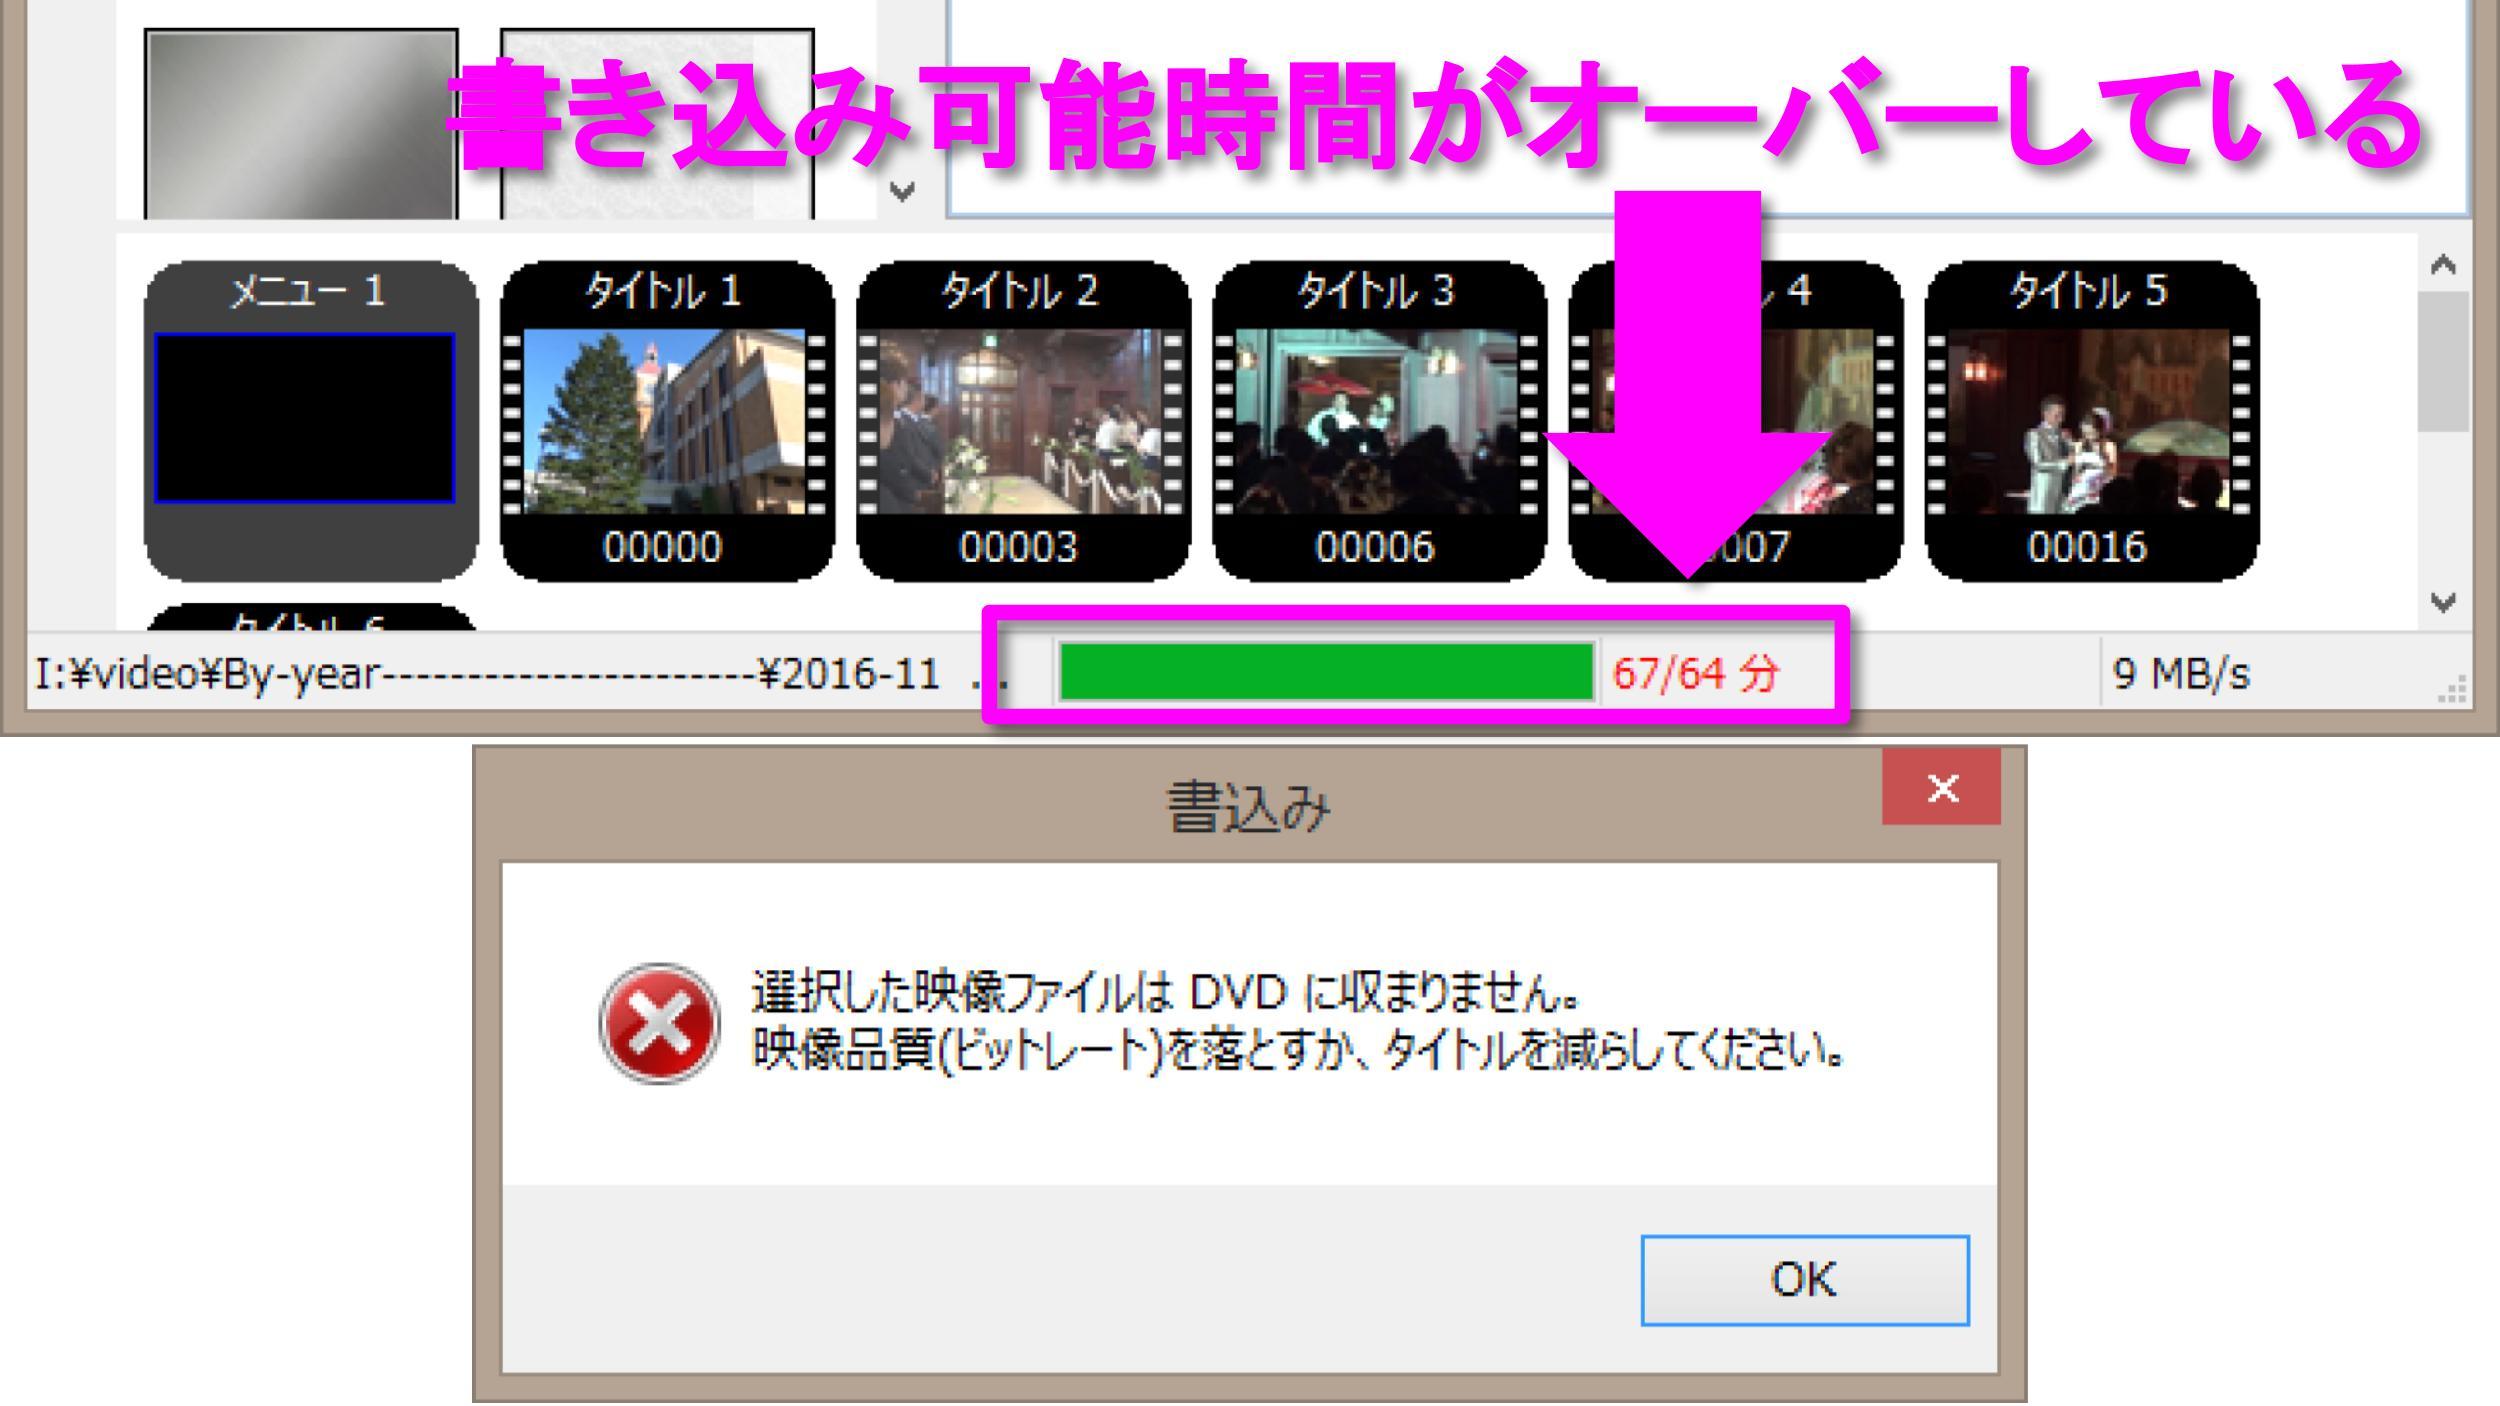 DVDSTYLER オーサリング設定 容量オーバー